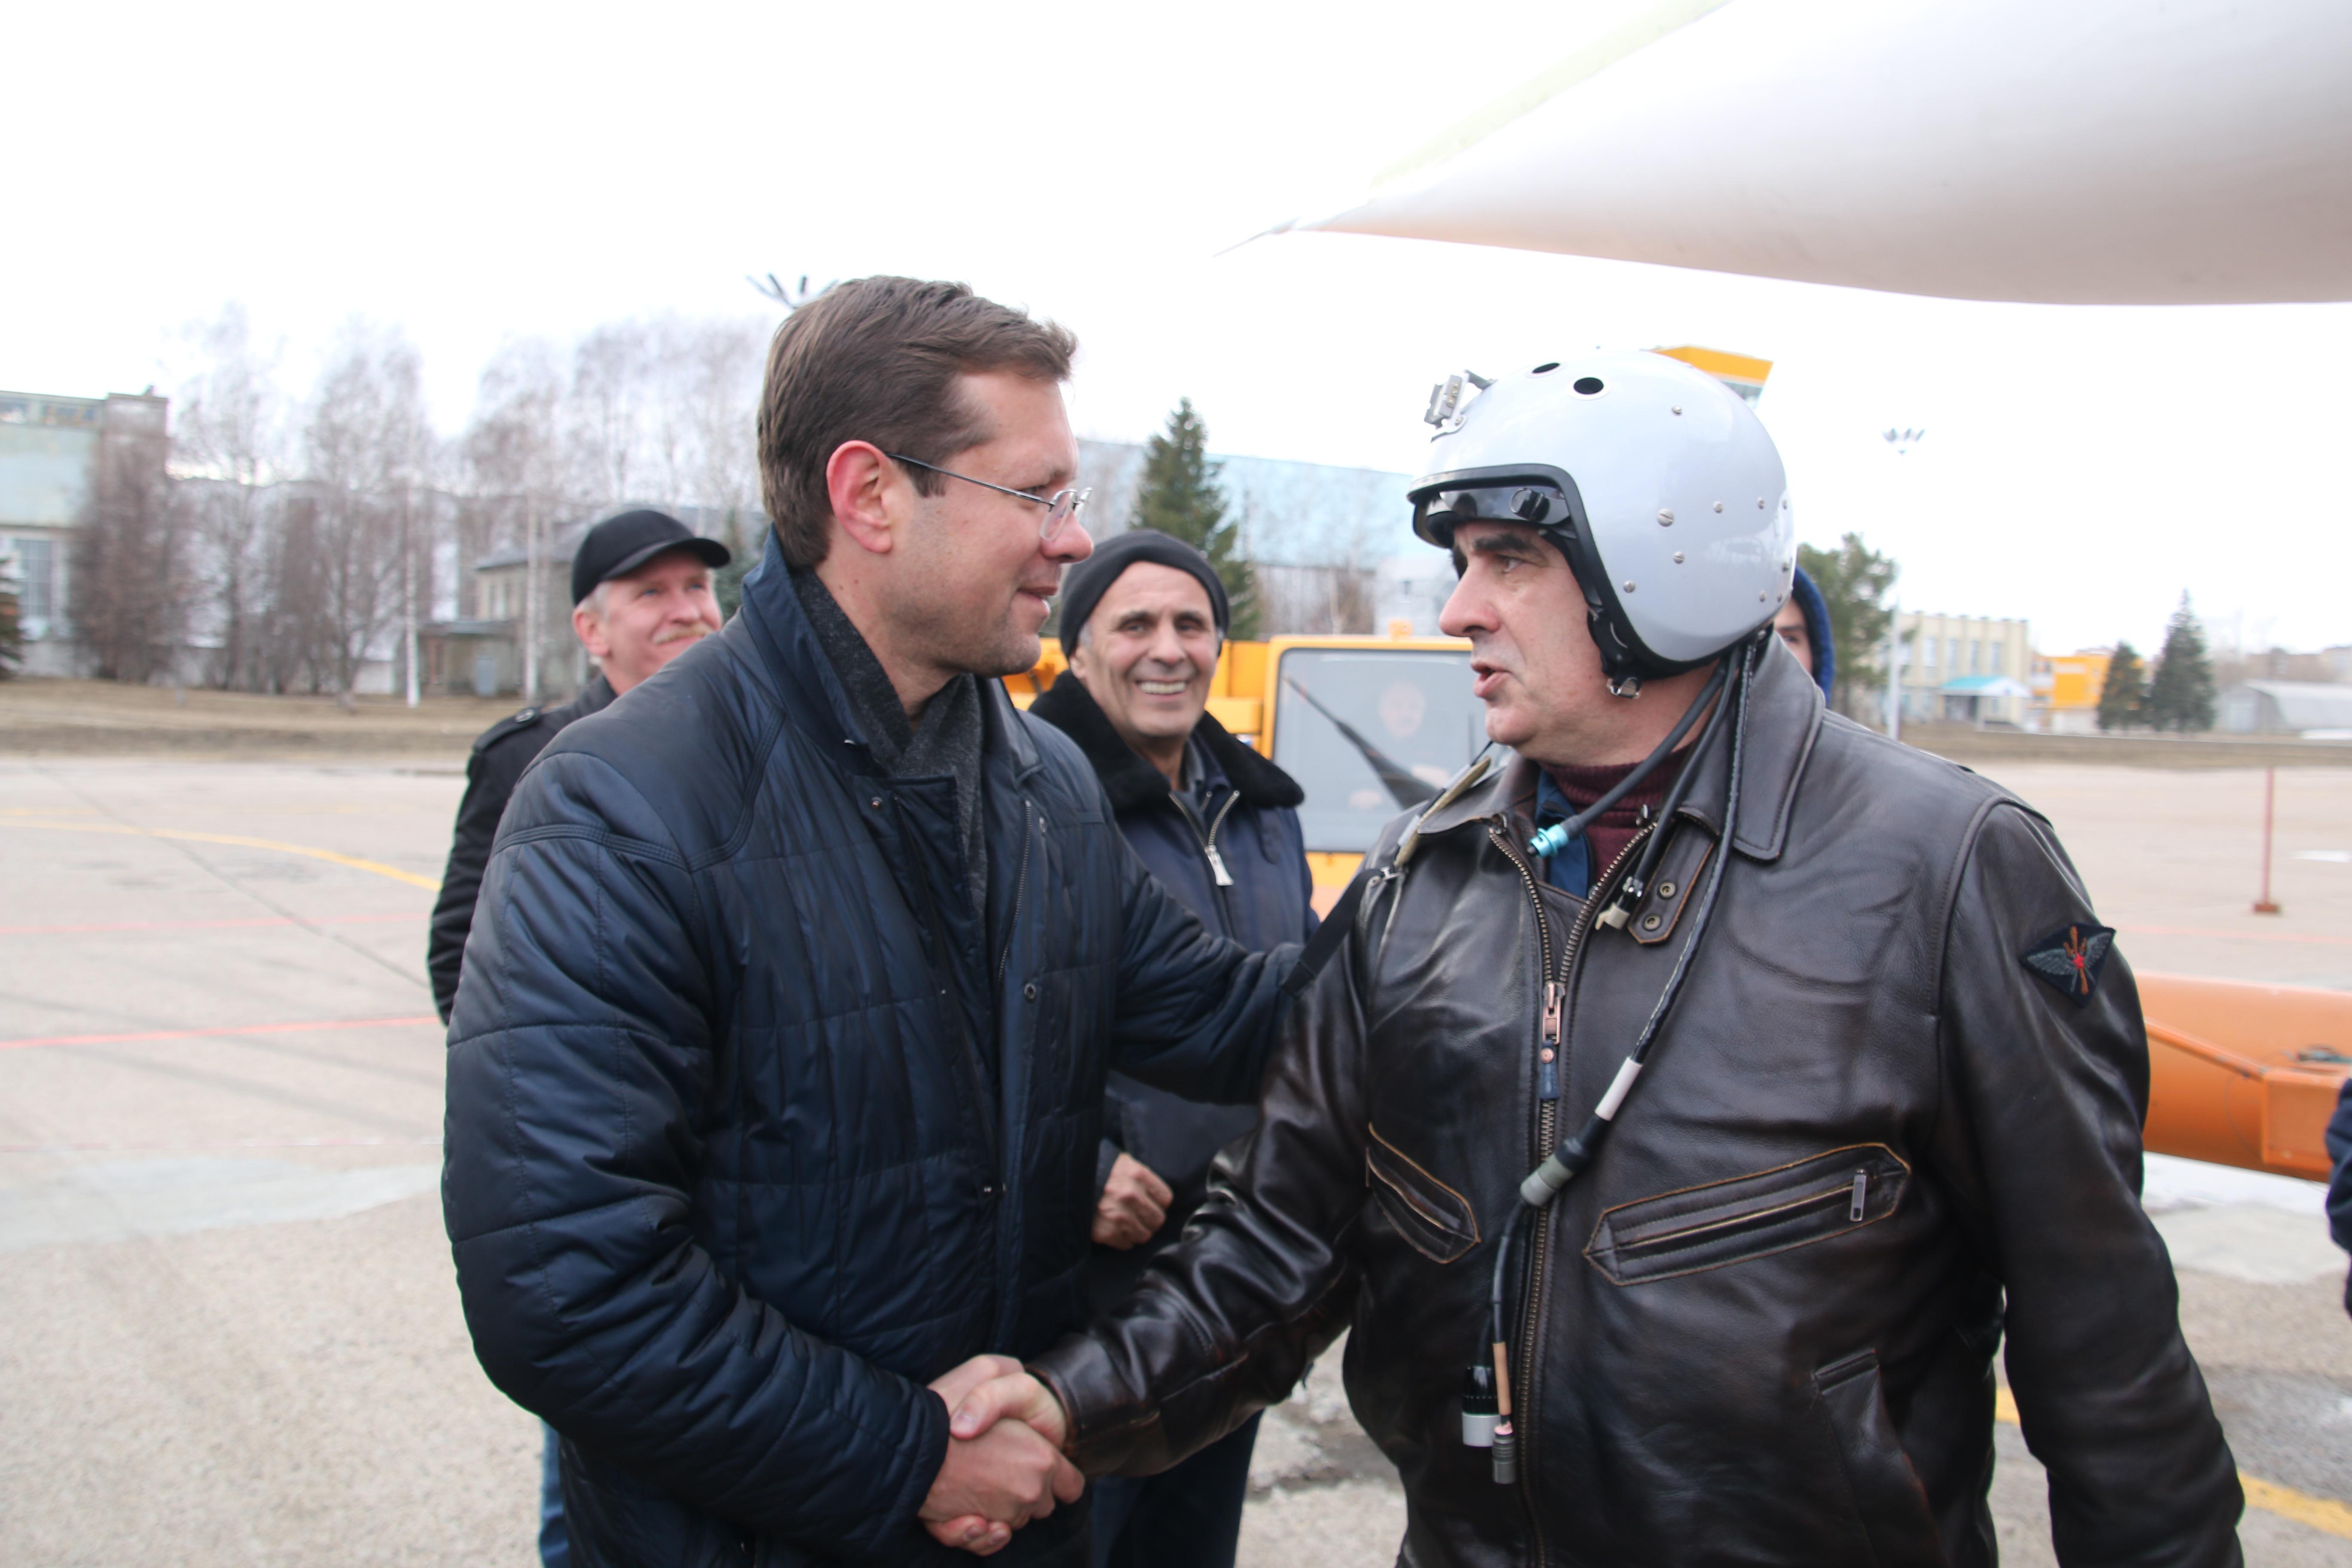 Генеральный директор ПАО «Туполев» Александр Конюхов поздравляет лётный экипаж с успешным полетом